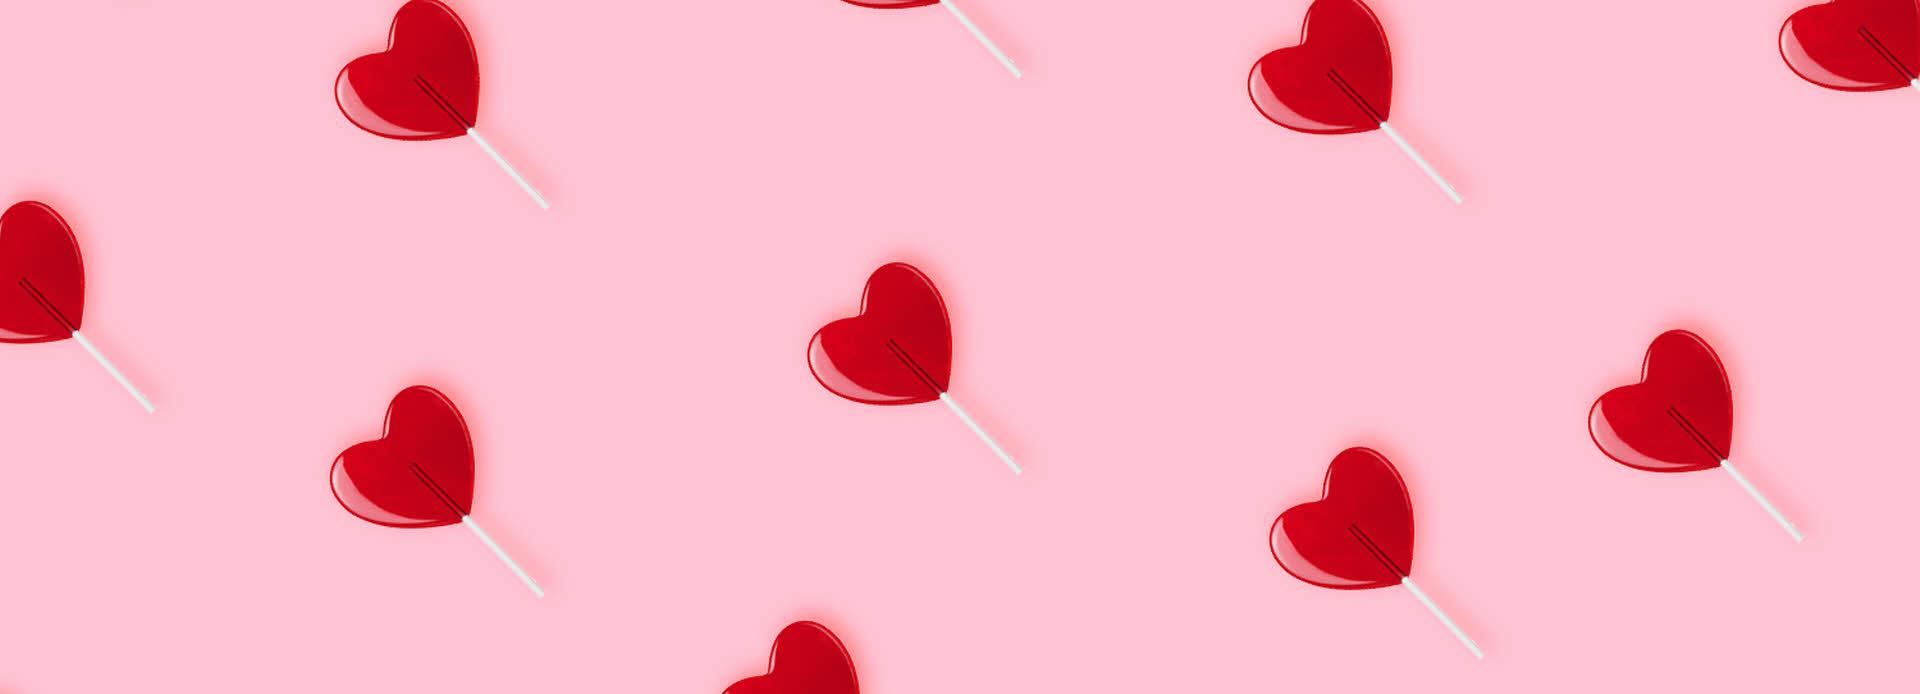 Bilde av kjærlighet på pinne